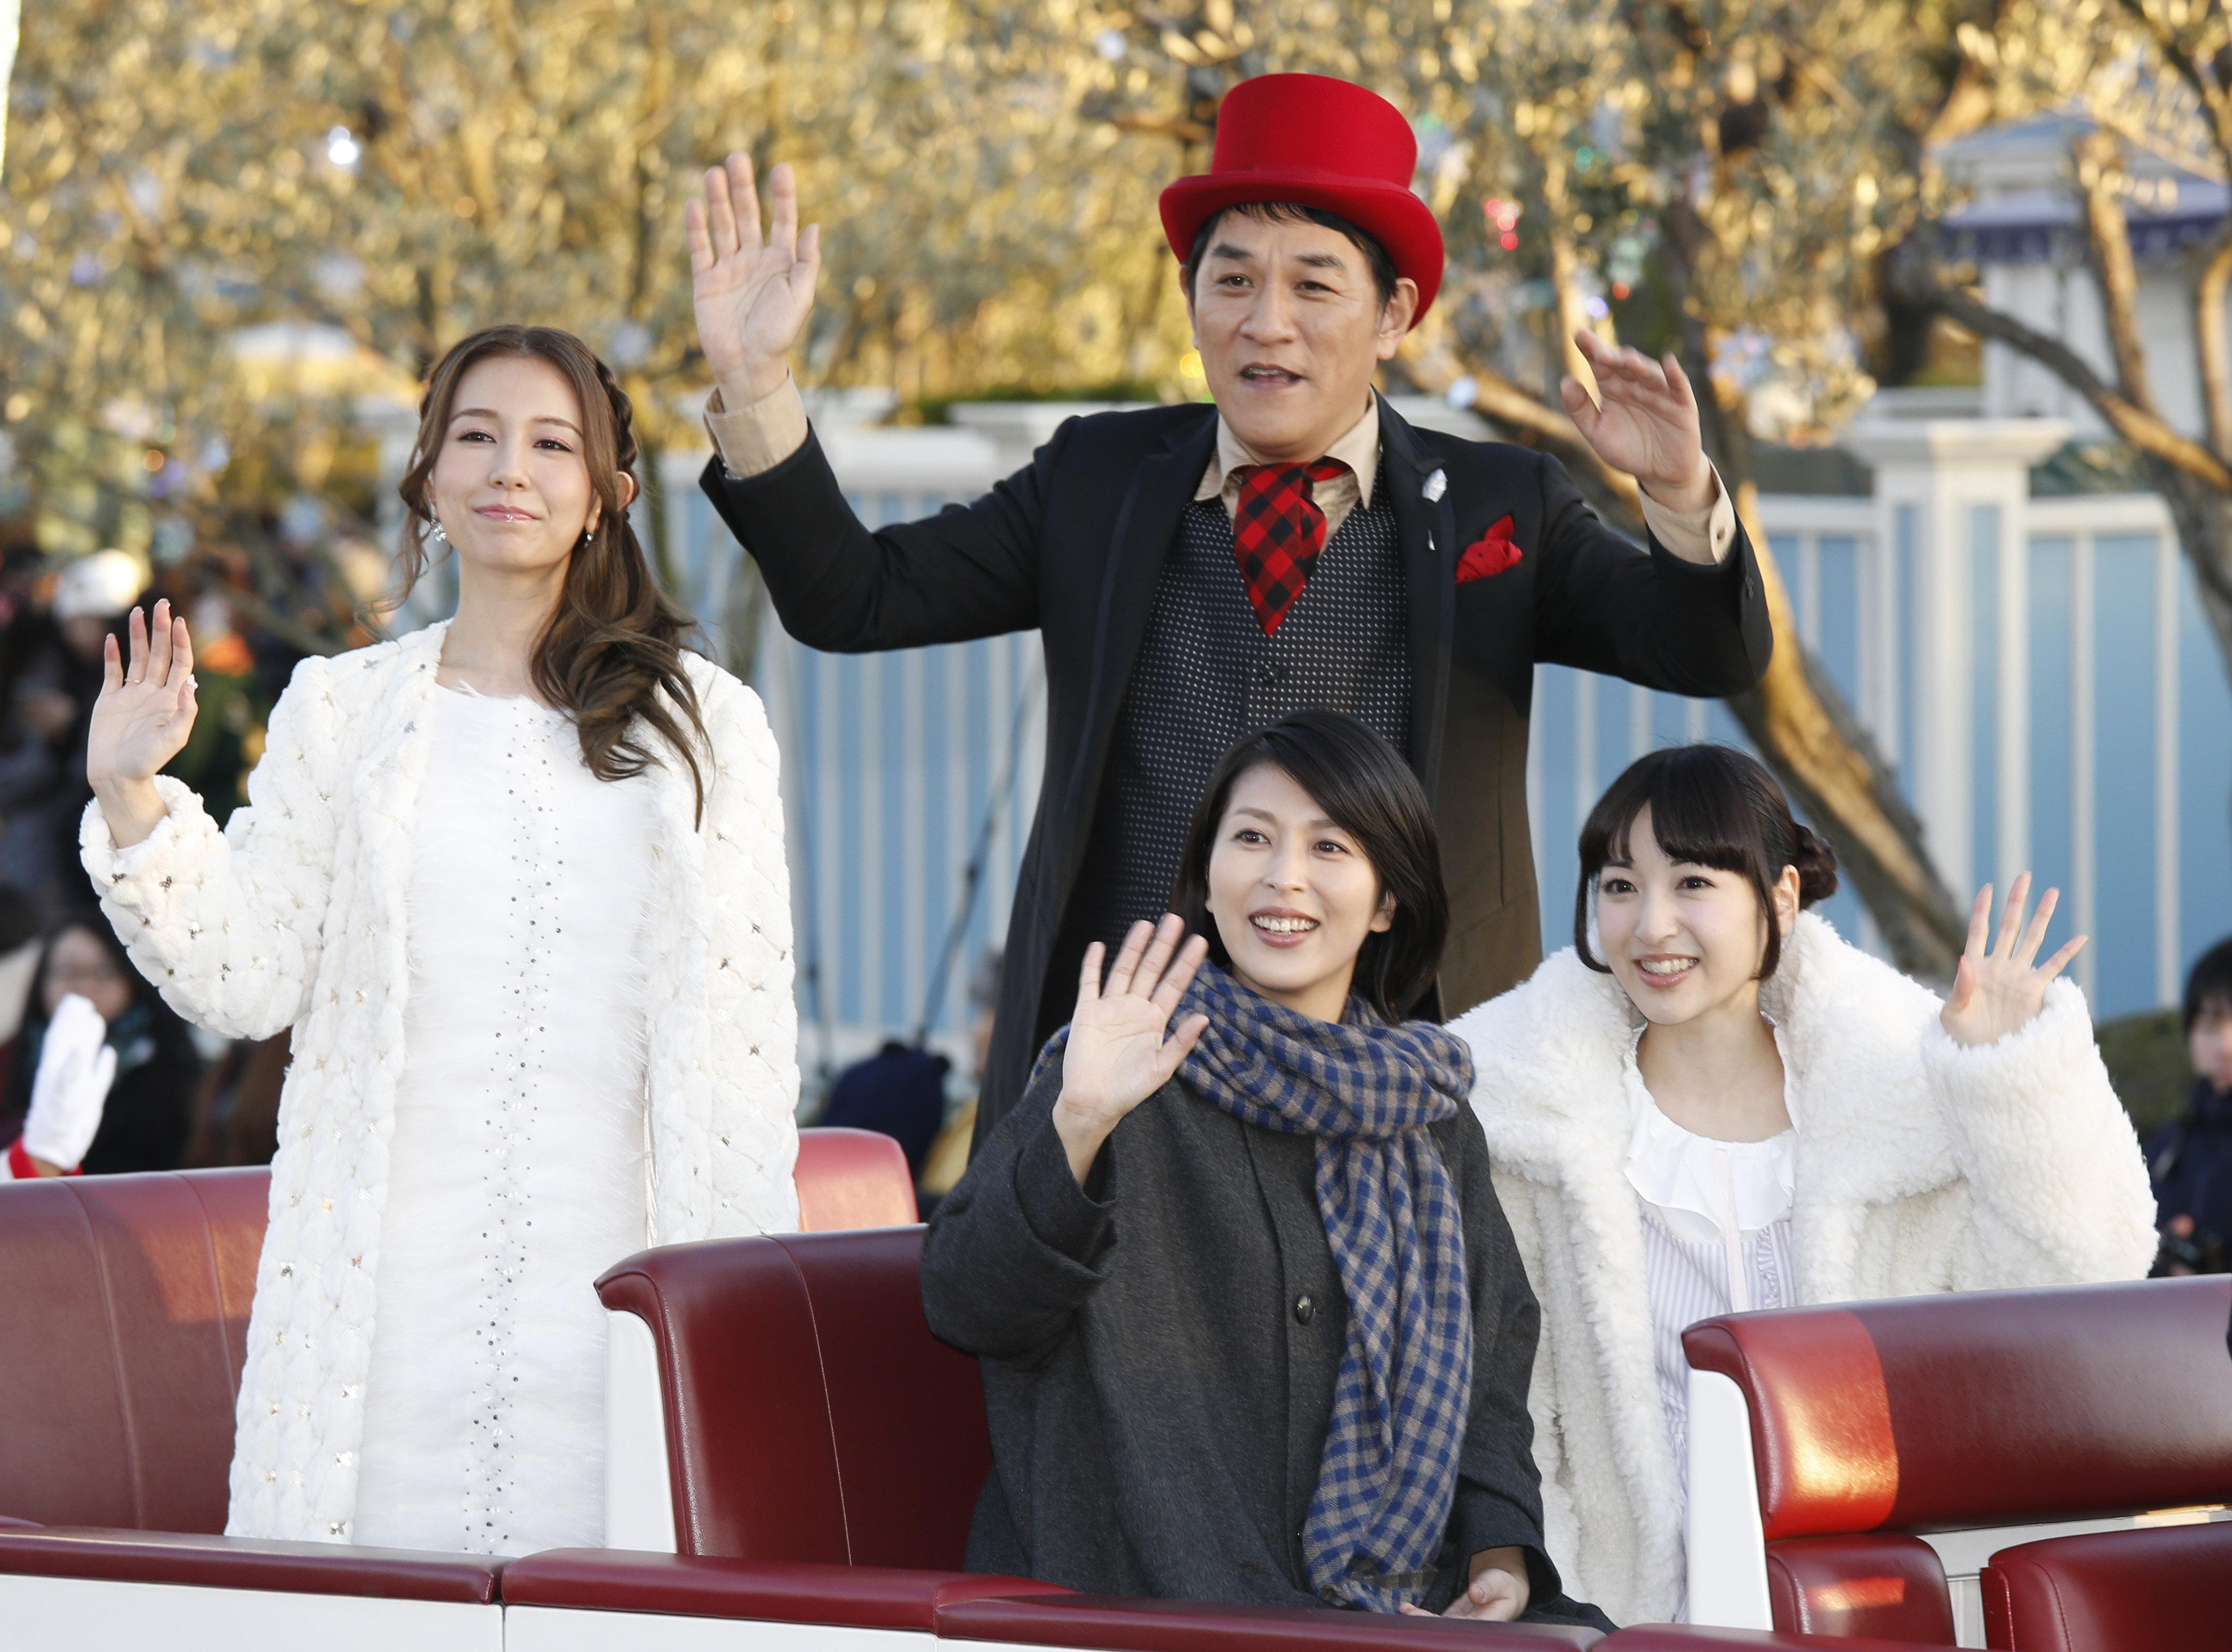 東京ディズニーランドで始まった「アナとエルサのフローズンファンタジー」の初日記念